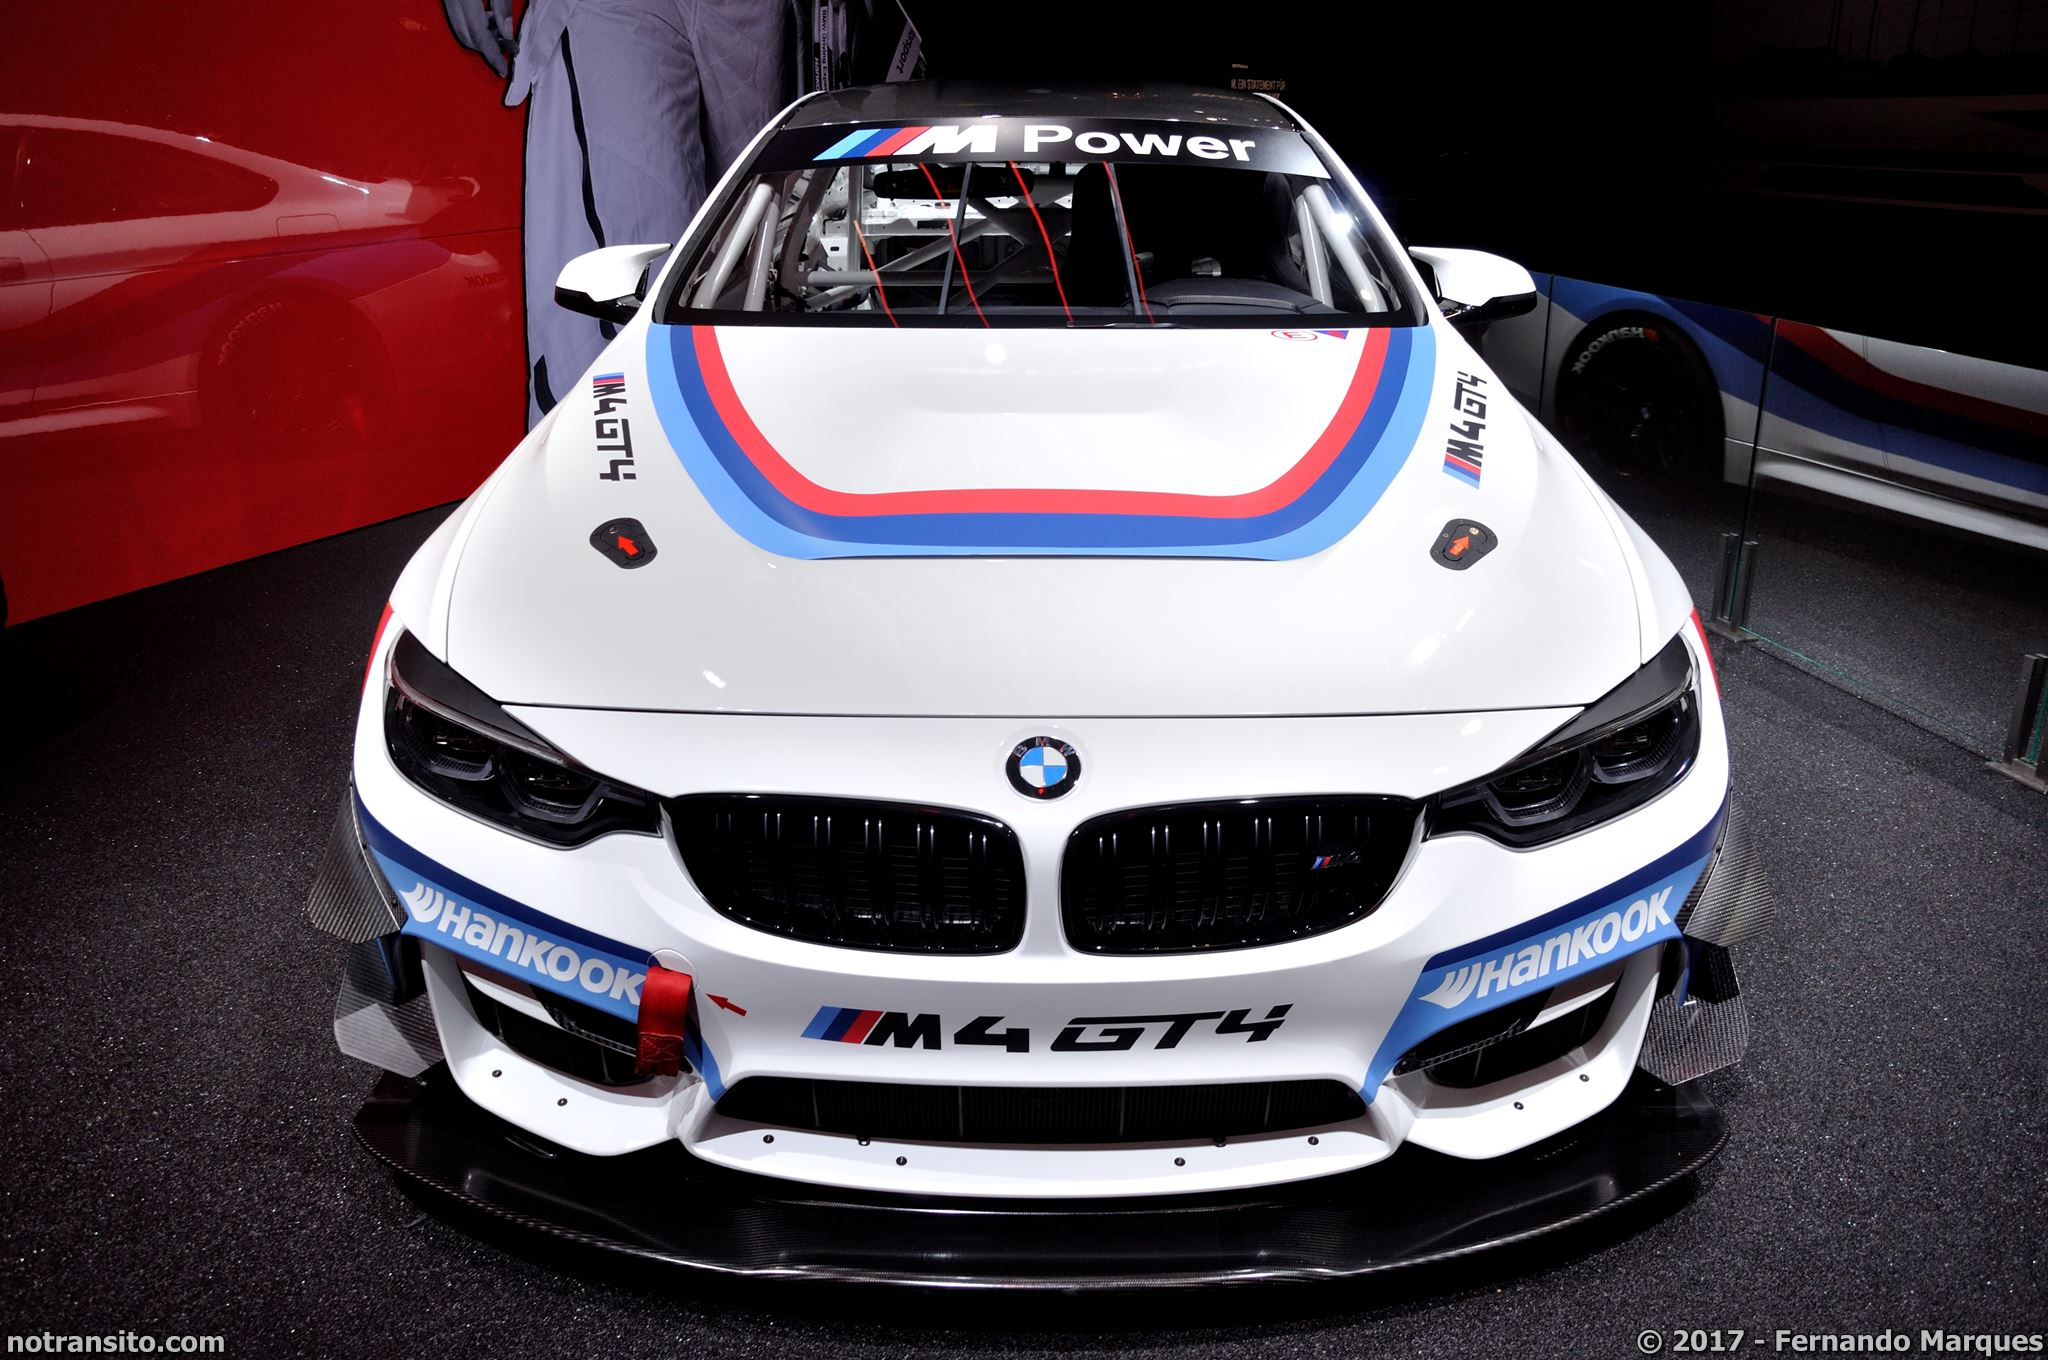 BMW-M4-GT4-Frankfurt-2017-002